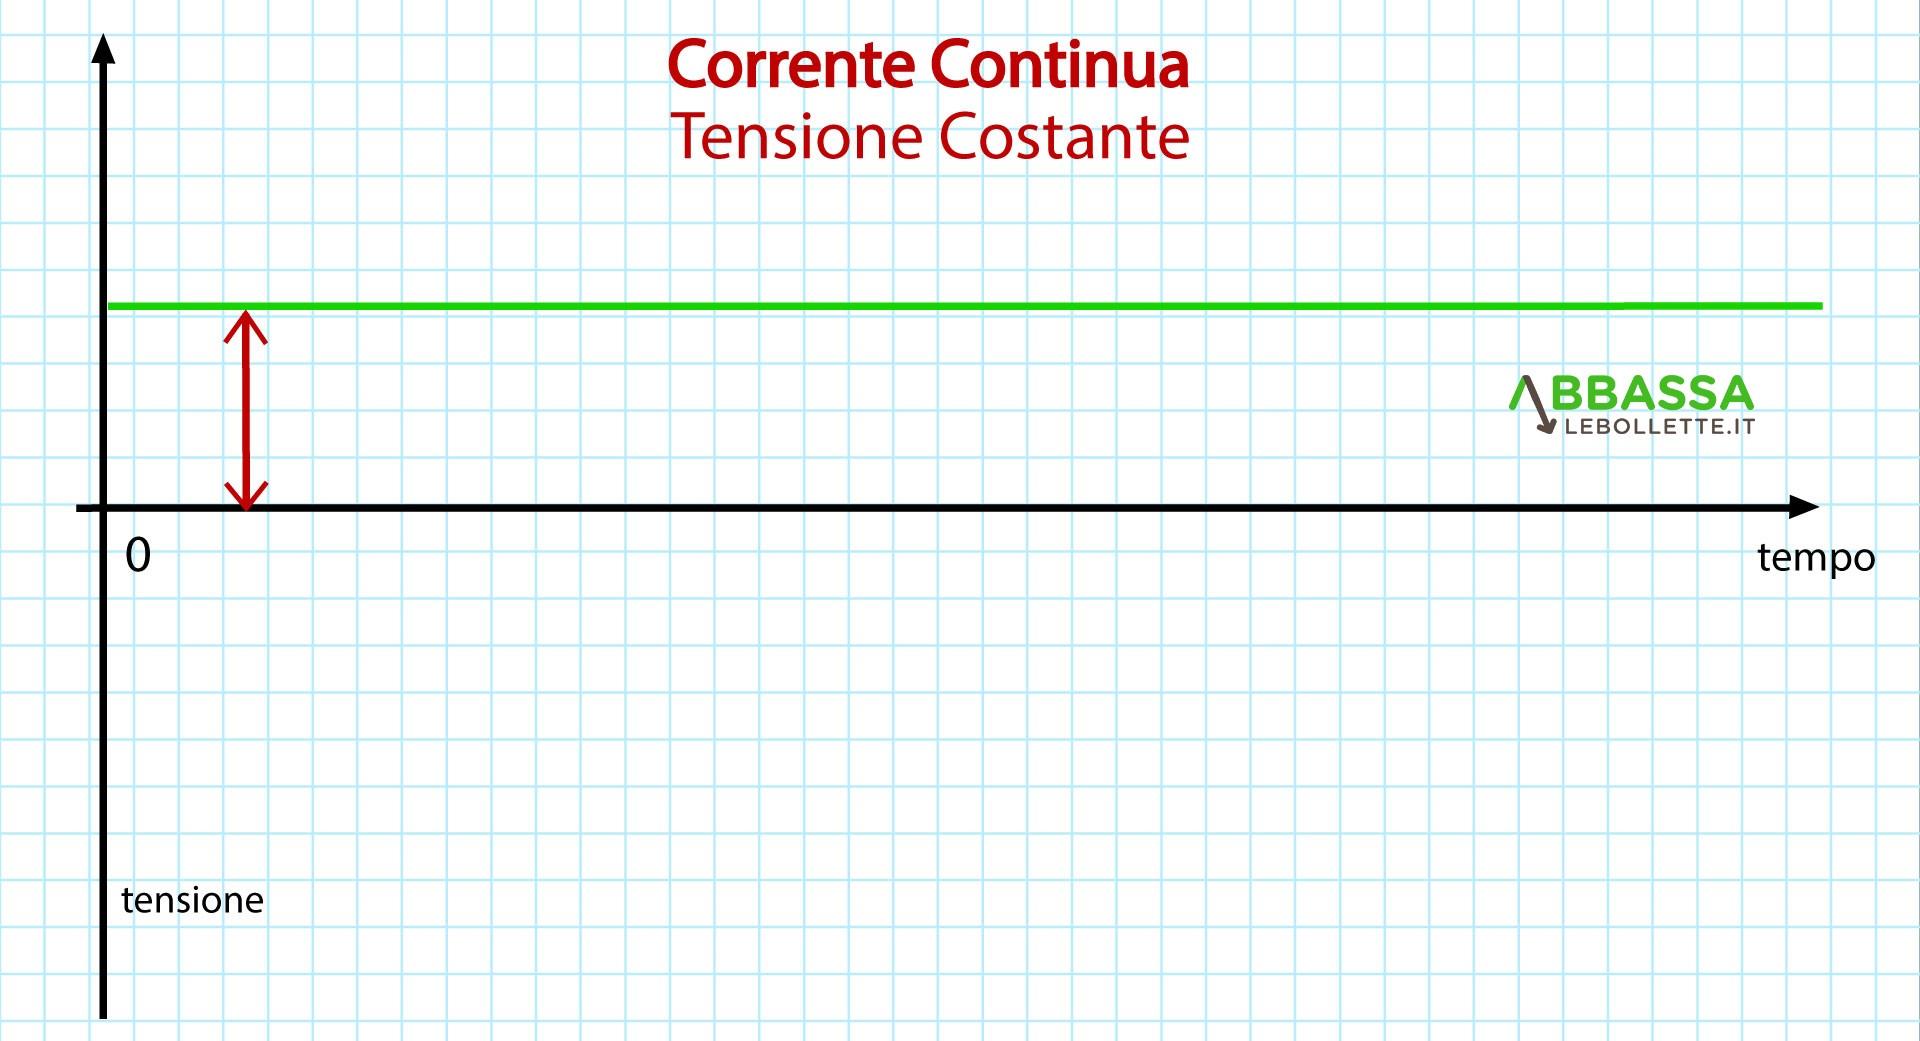 Grafico andamento Corrente Continua